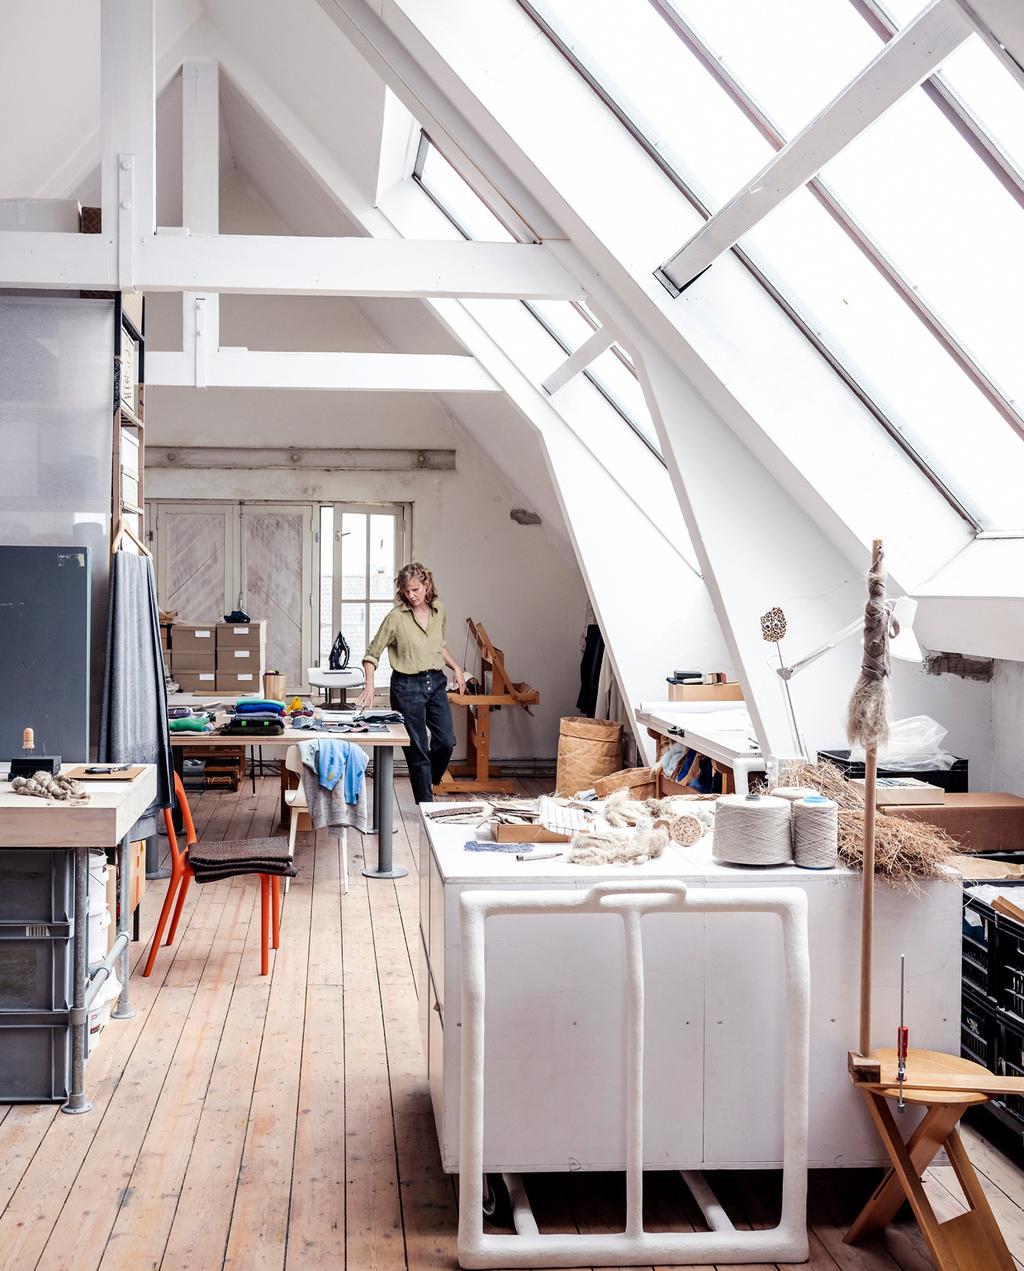 atelier heleen artesanato